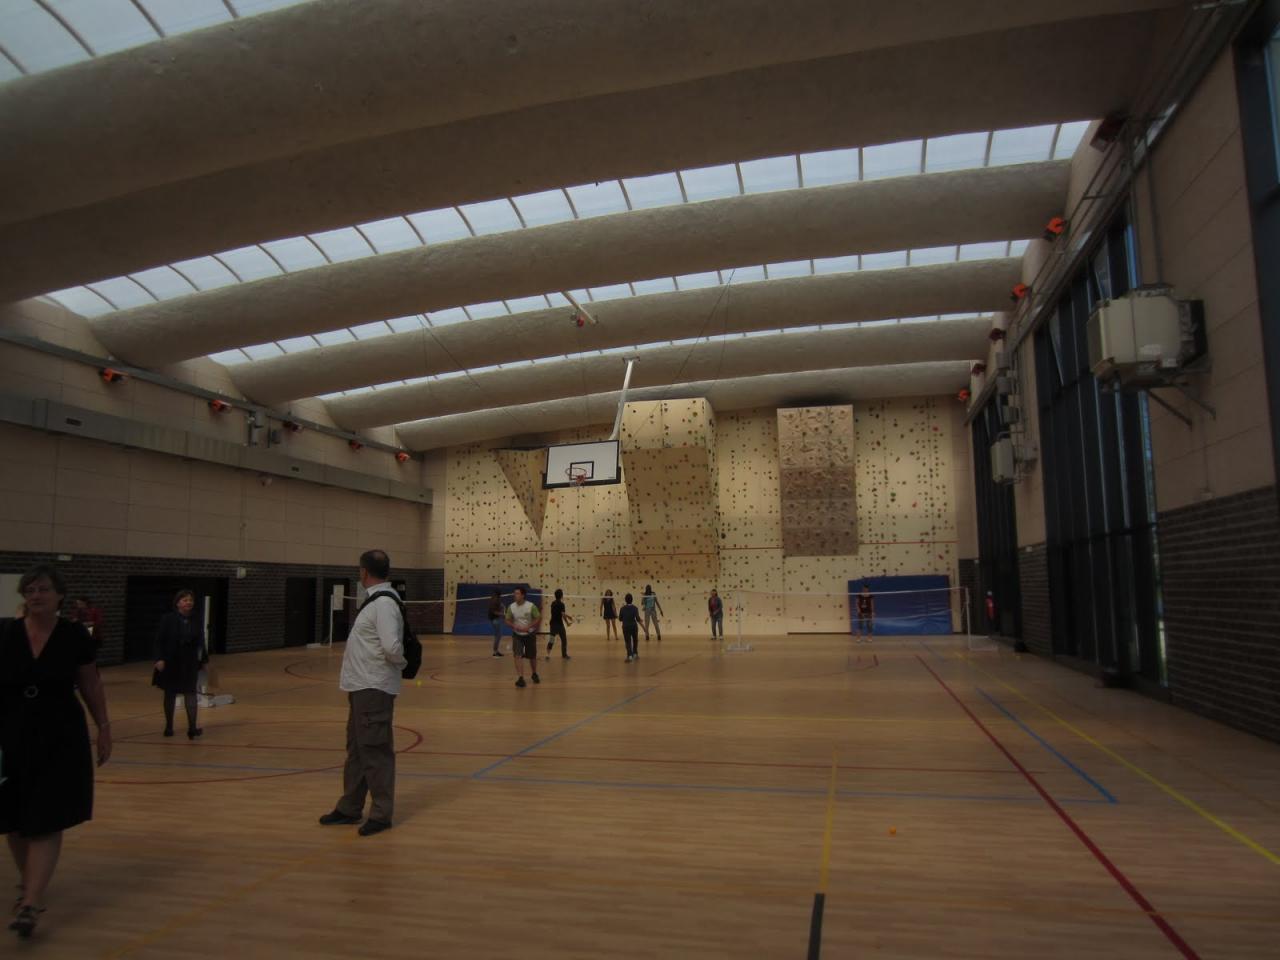 Le gymnase magnifique avec un mur d'escalade au fond!